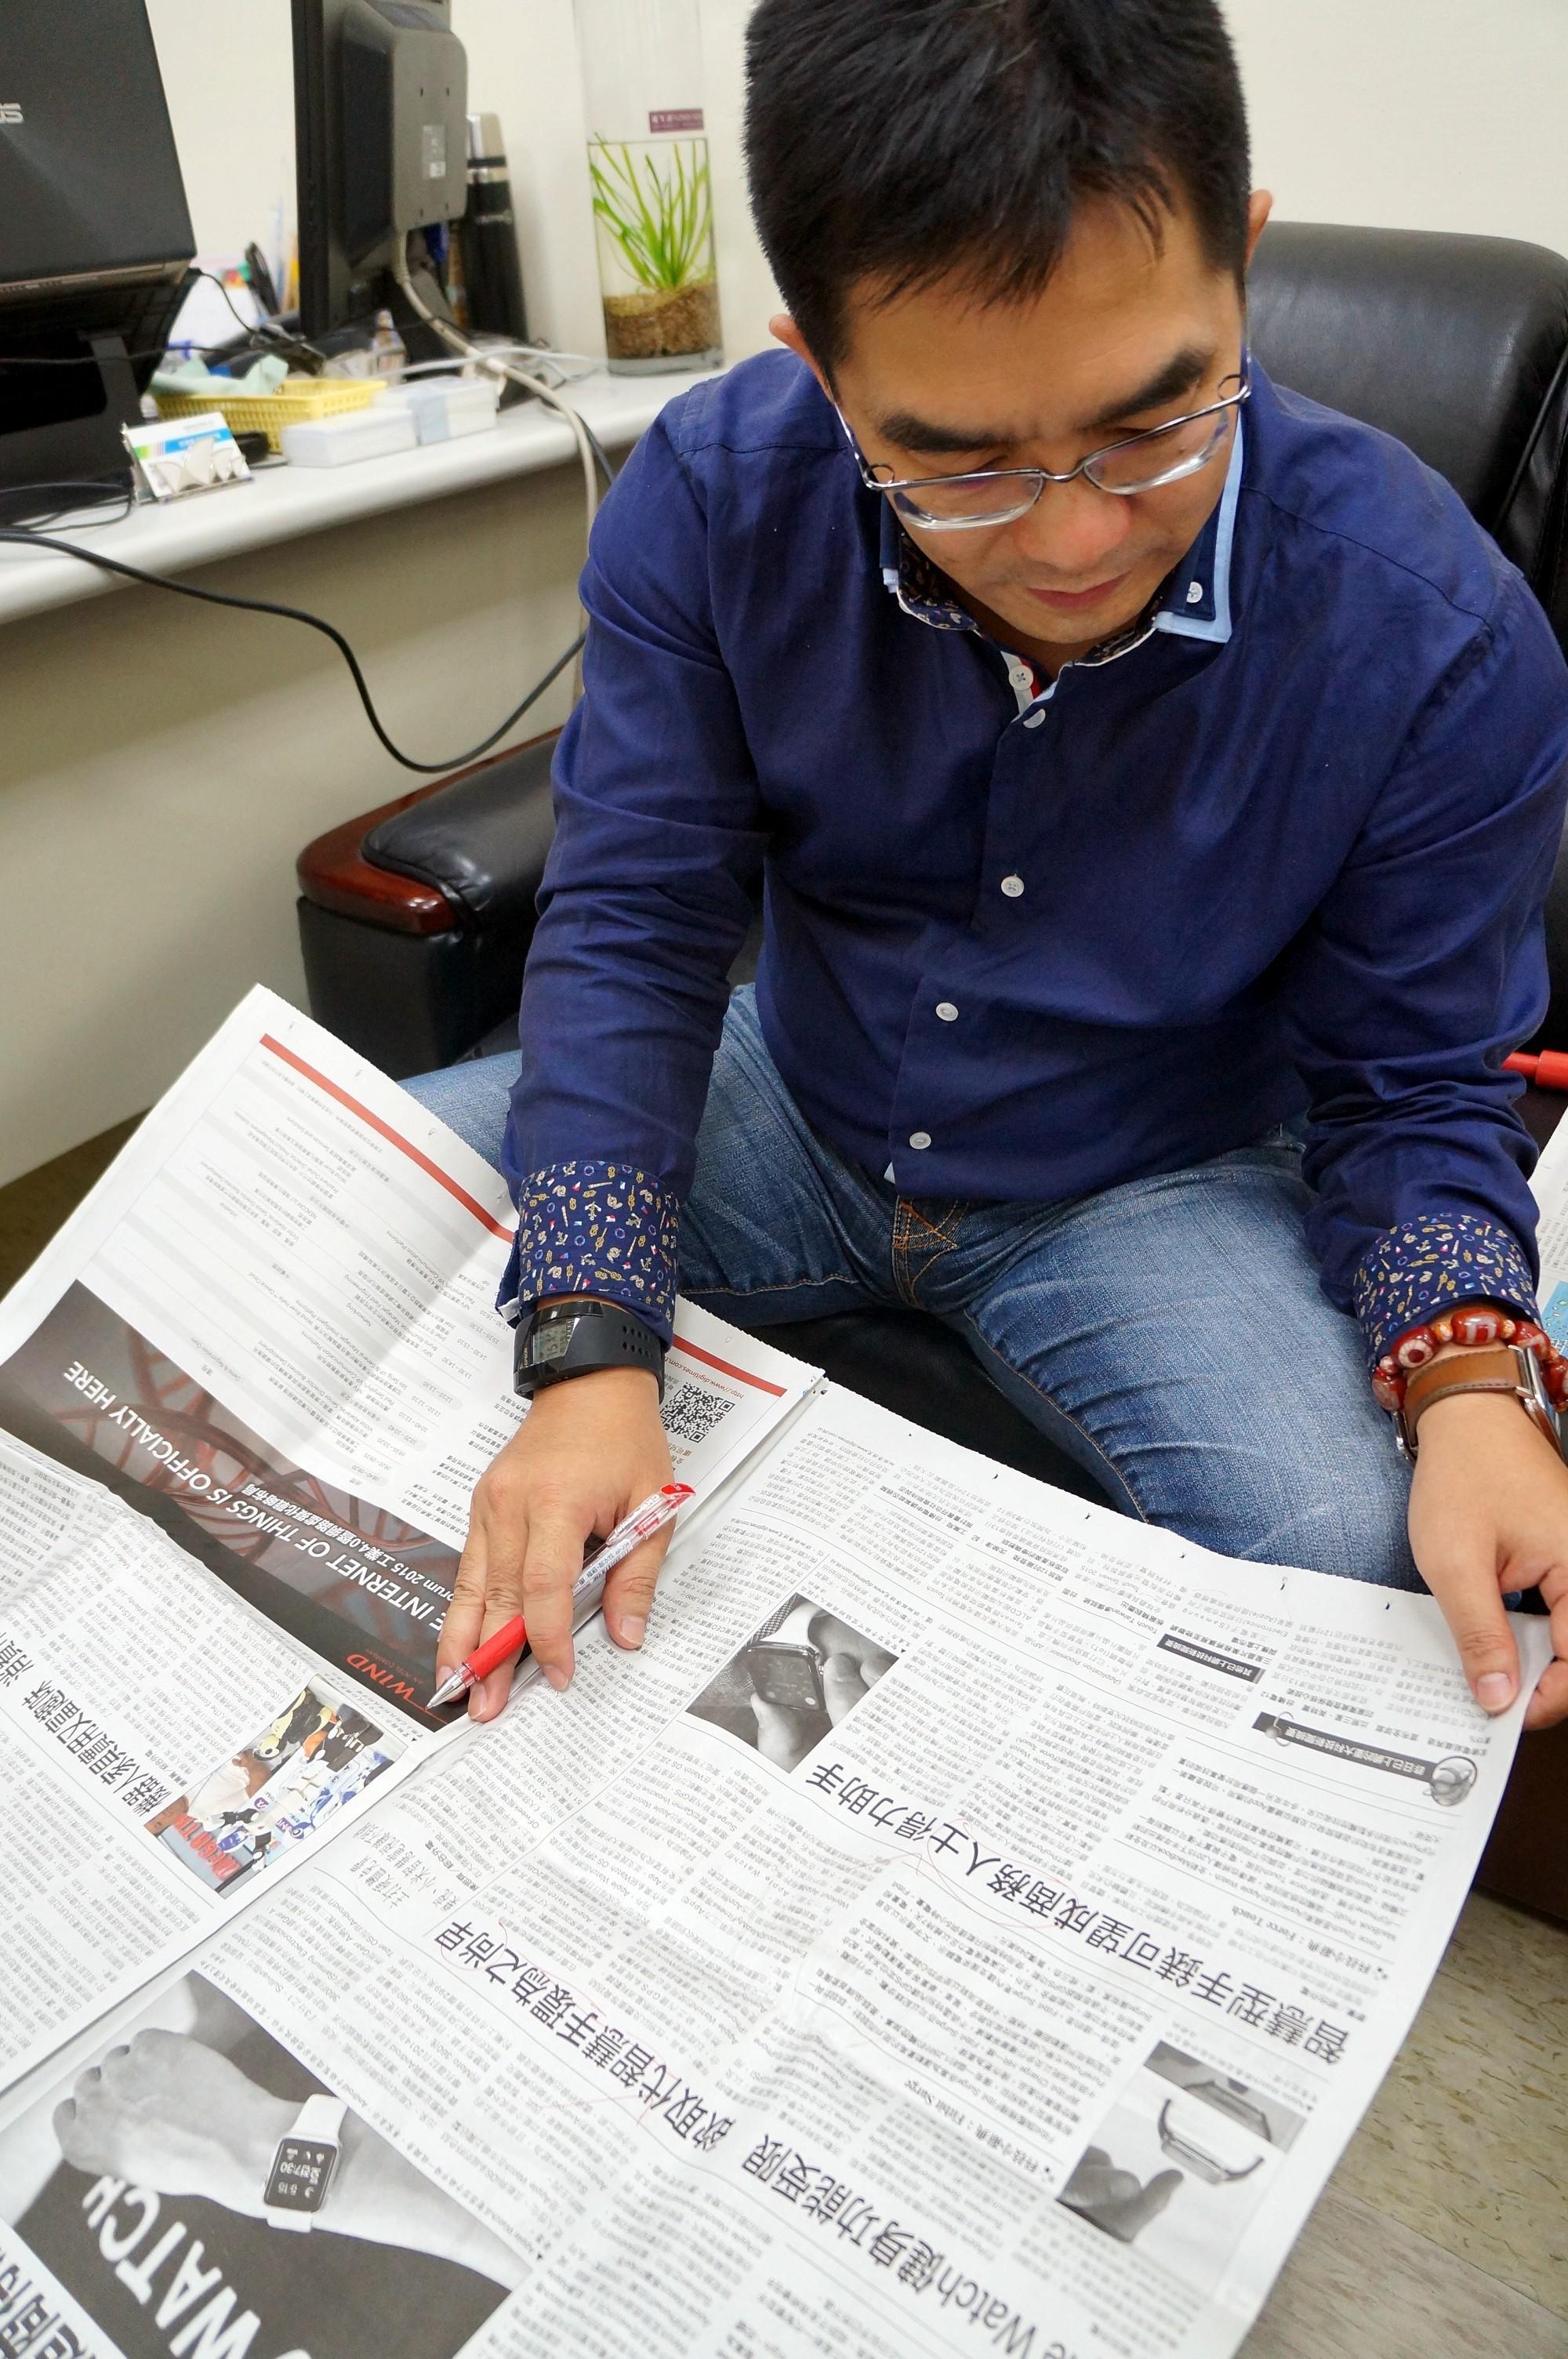 良興總經理日常工作的一天:閱讀是決策的精神糧食